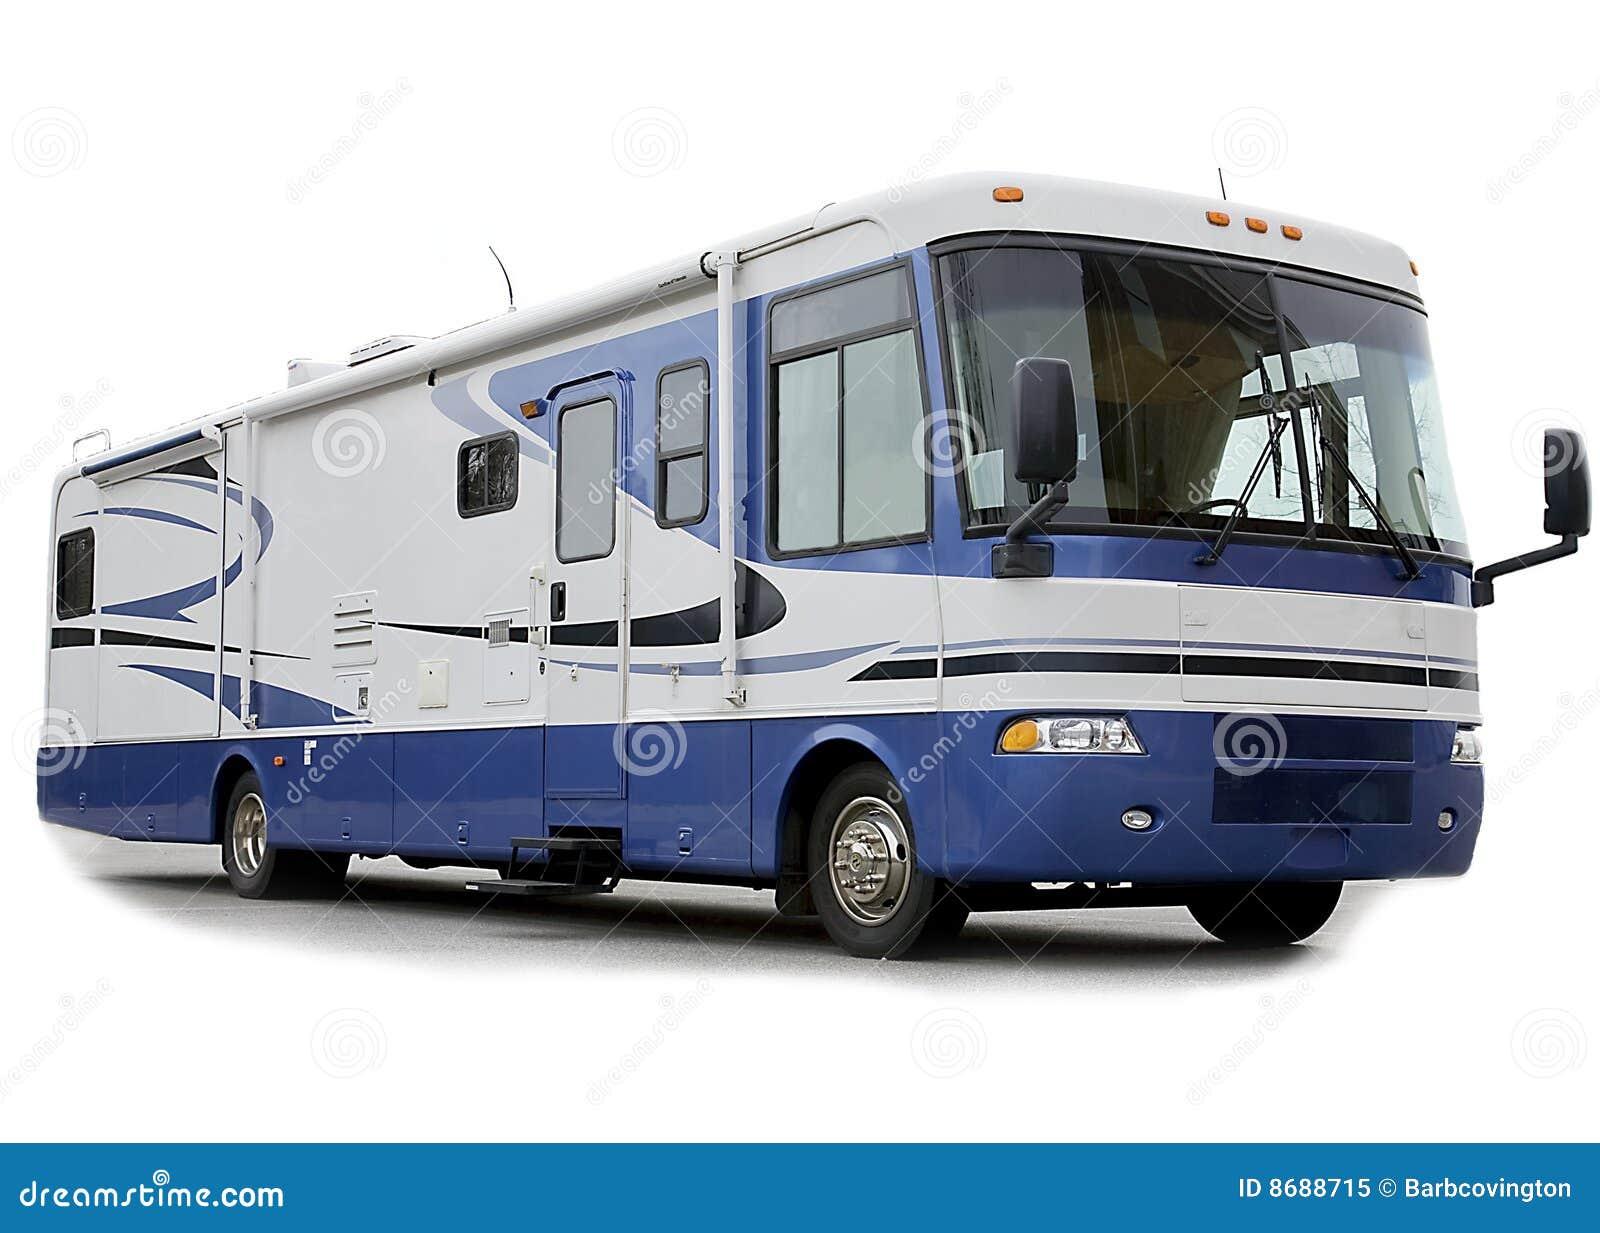 Camping-car rv